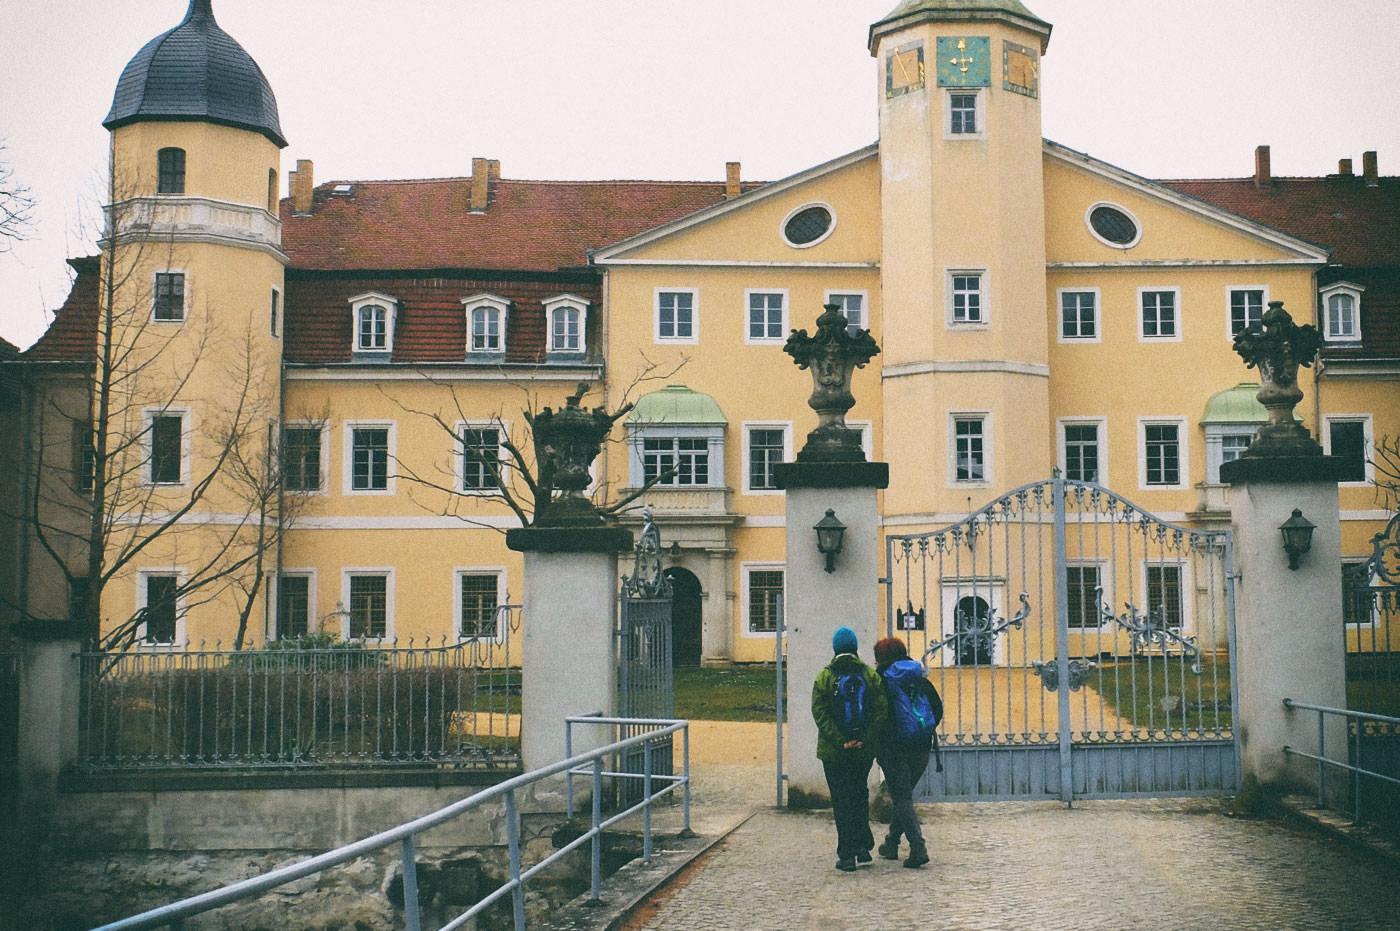 Am Hermsdorfer Schloss